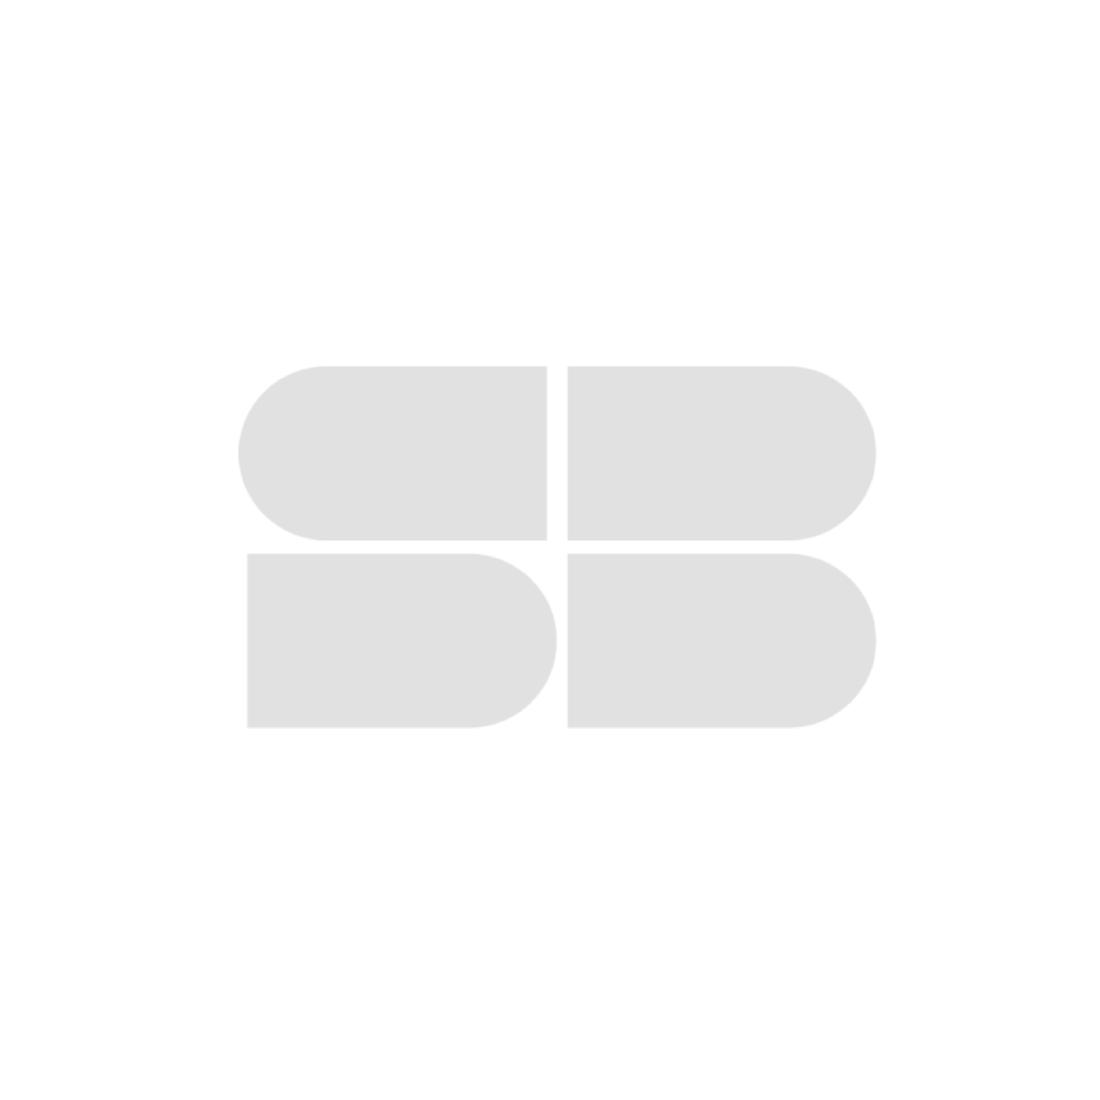 19205238-lamter-furniture-sofa-recliner-recliners-01